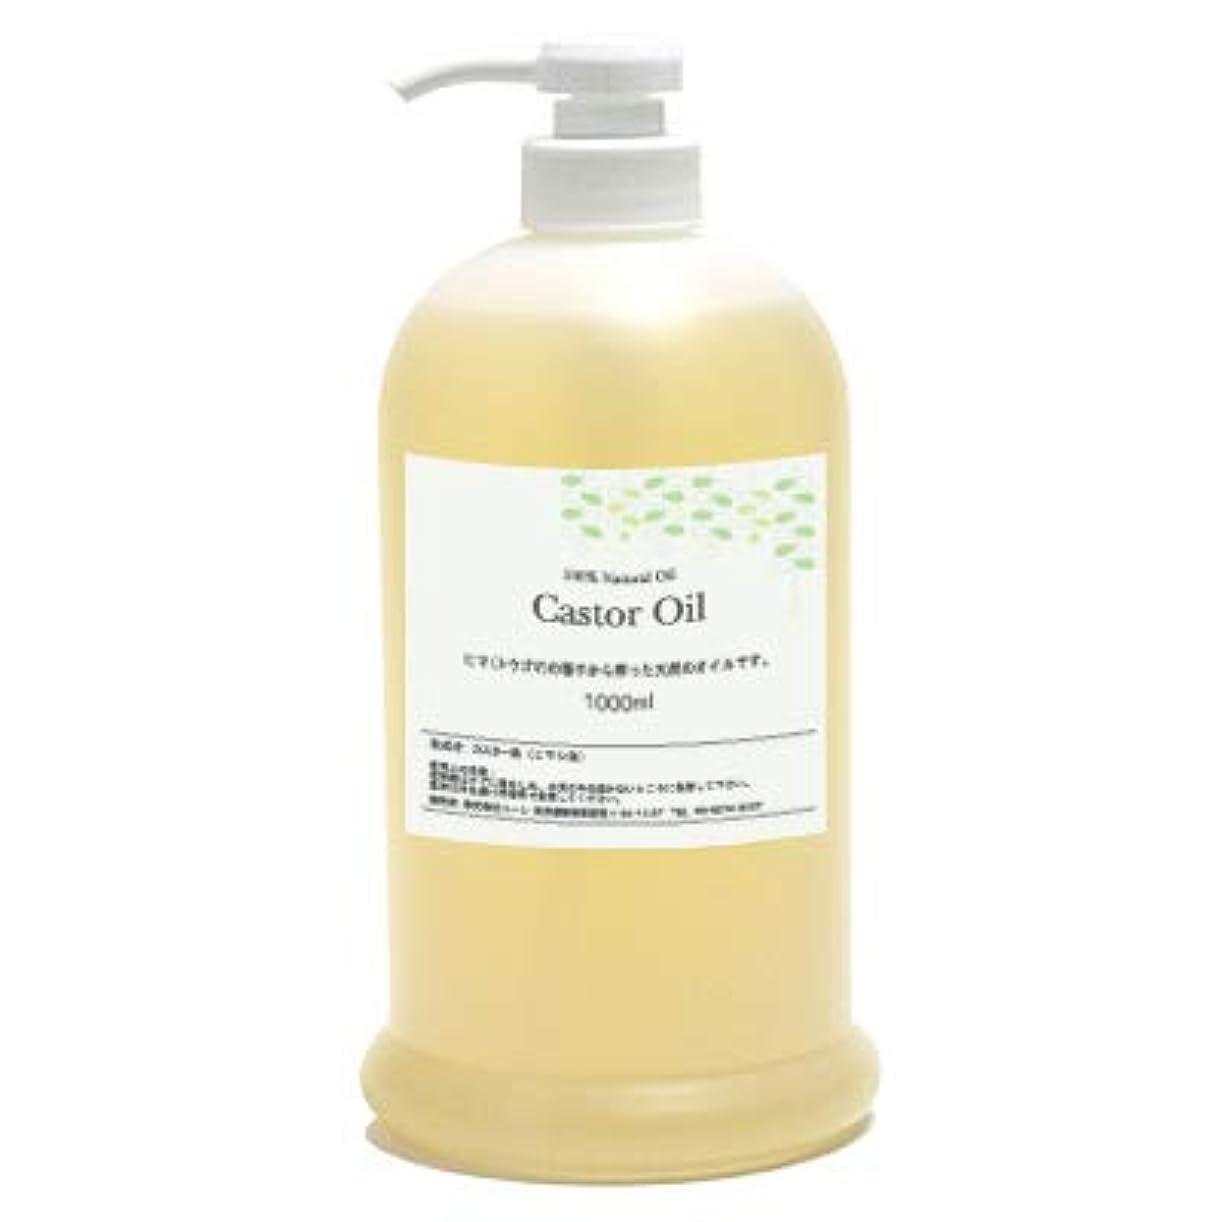 支配するすり減る寄生虫ひまし油 1000ml(1Lヒマシ油ヒマシオイル業務用):マッサージオイル